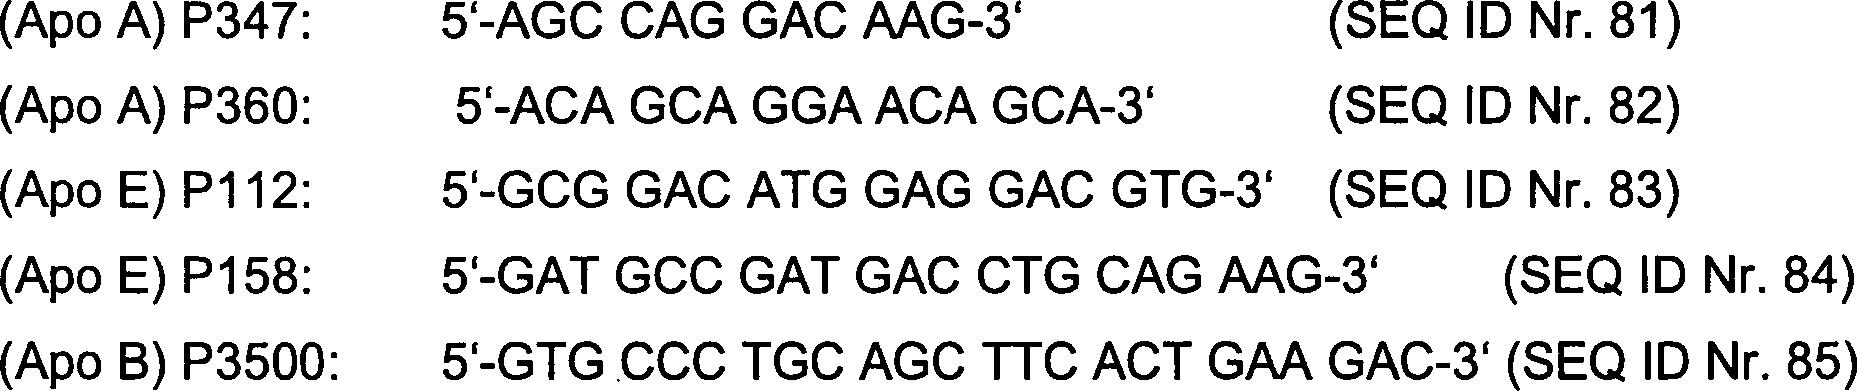 5c93696f415674 DE69738206T2 - DNA diagnostics by mass spectrometry - Google Patents